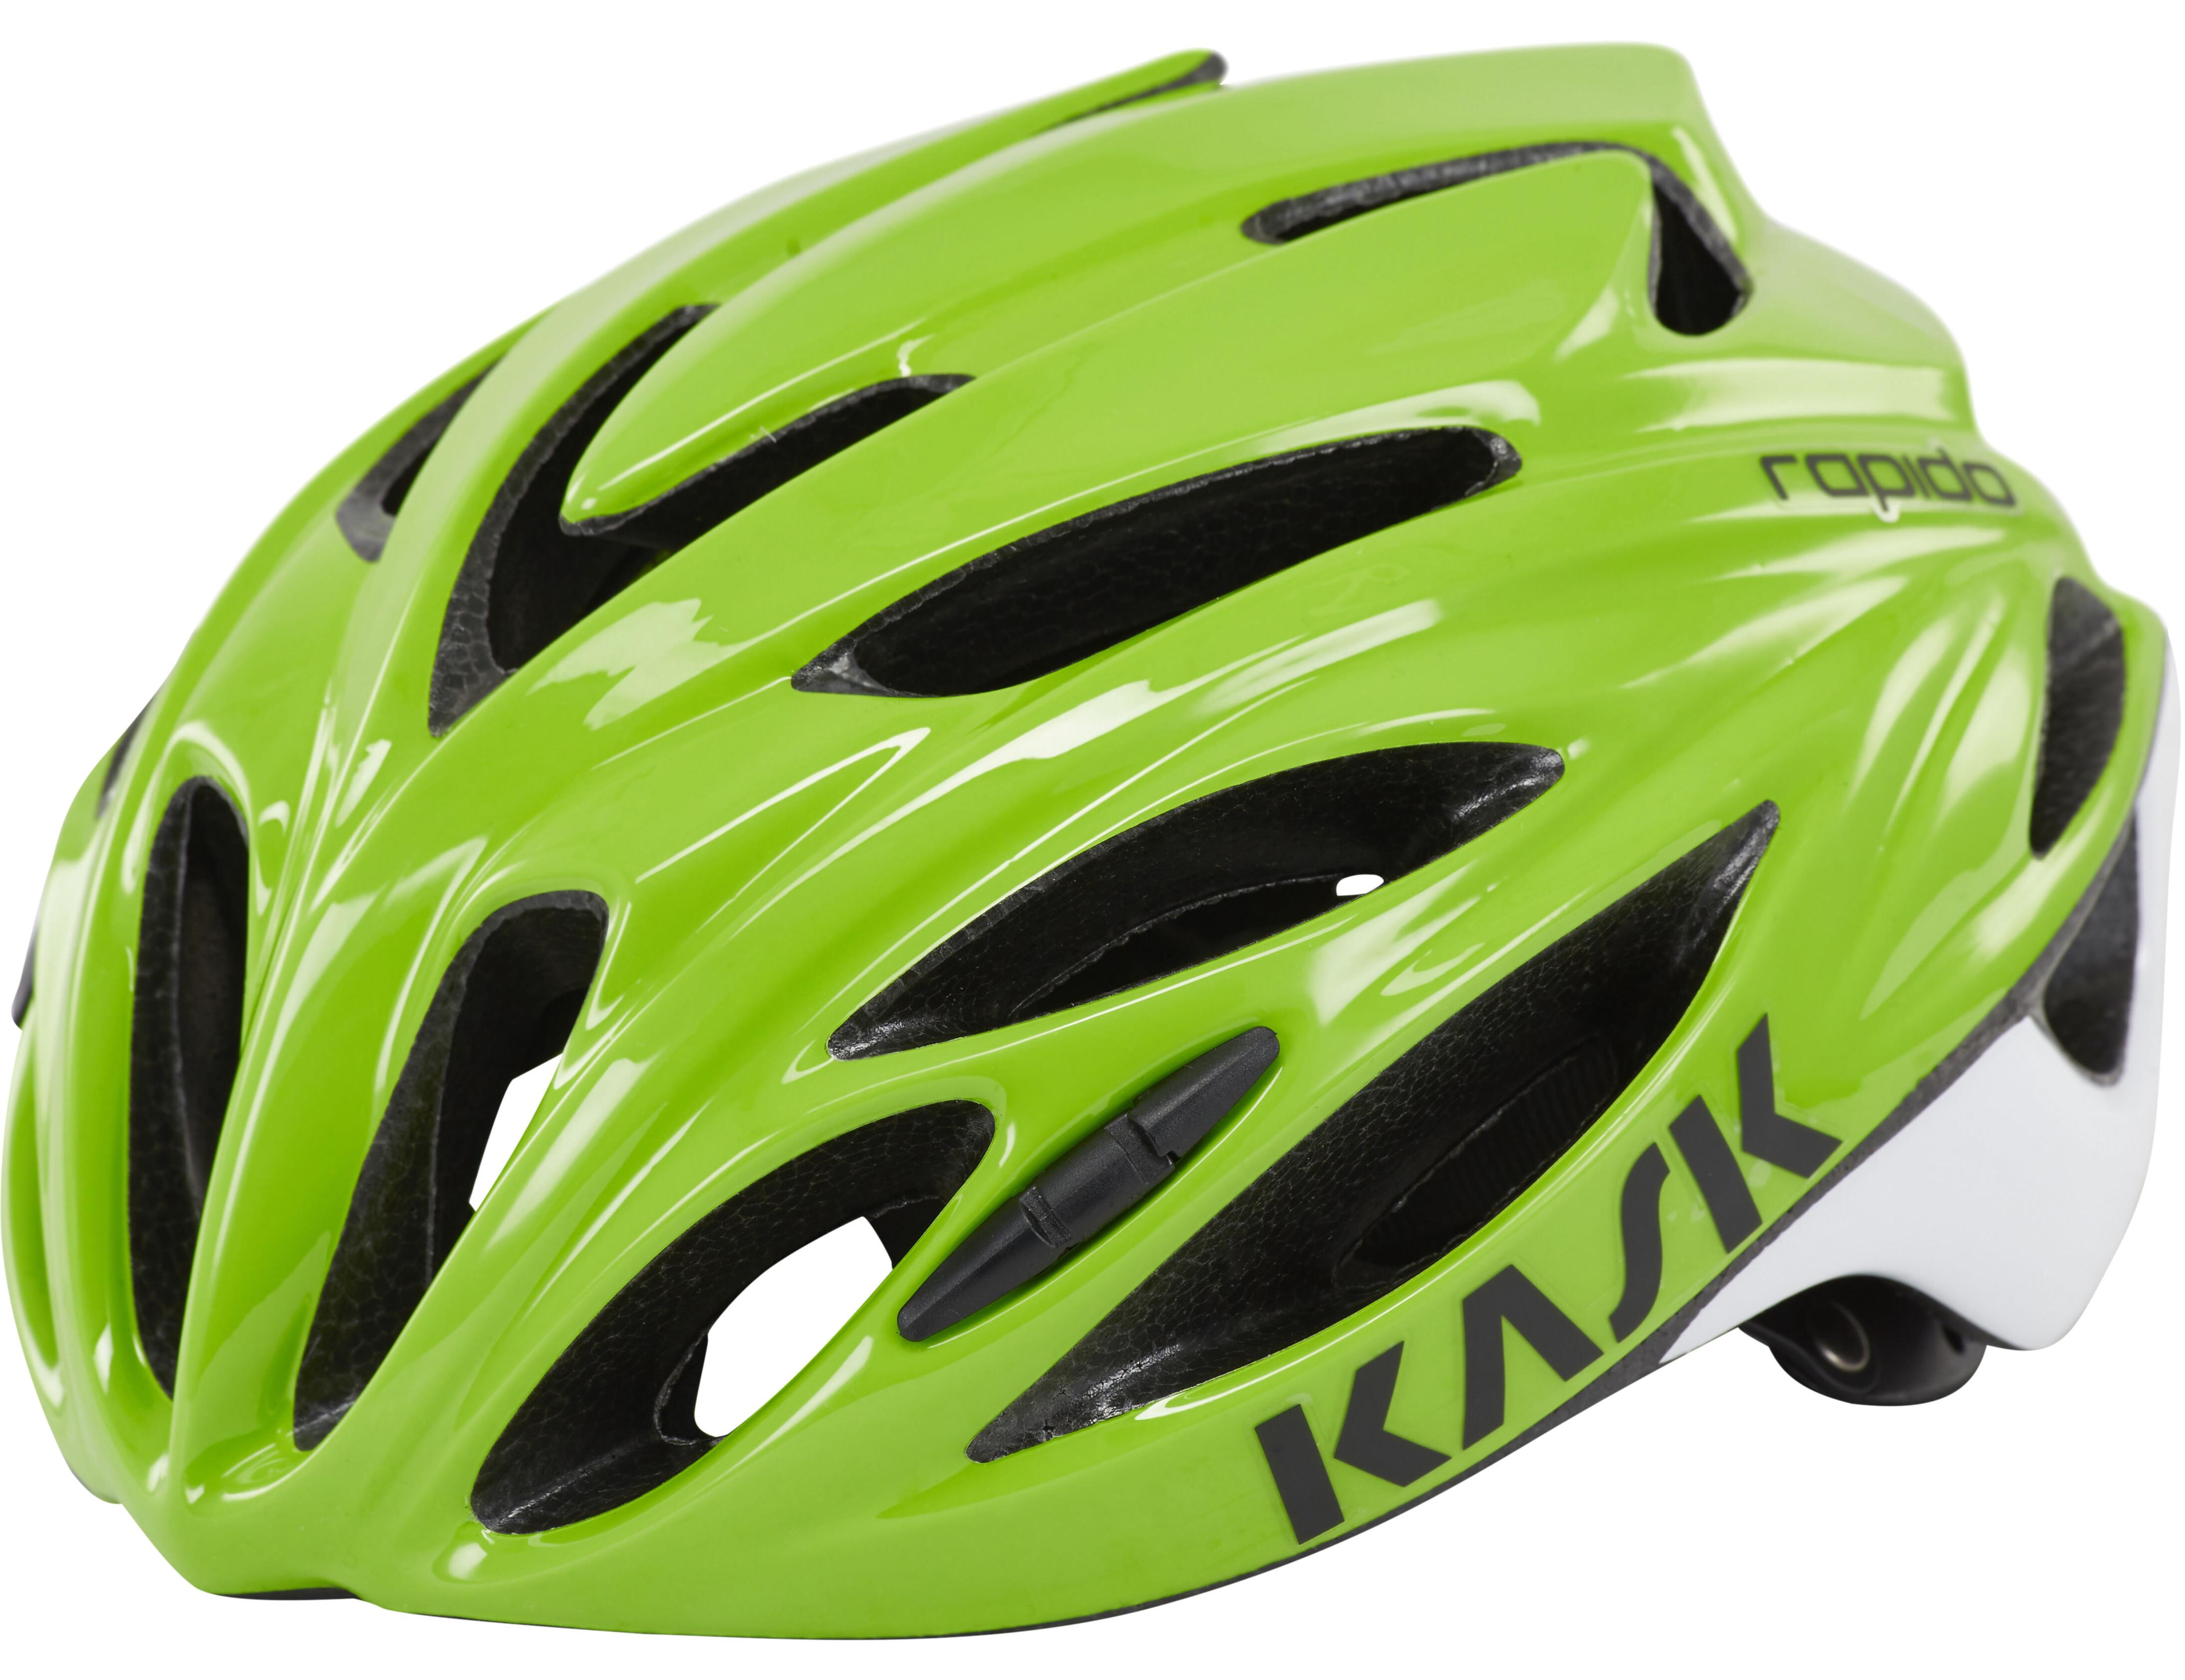 Kask Rapido Bike Helmet green at Bikester.co.uk a0c506a0e